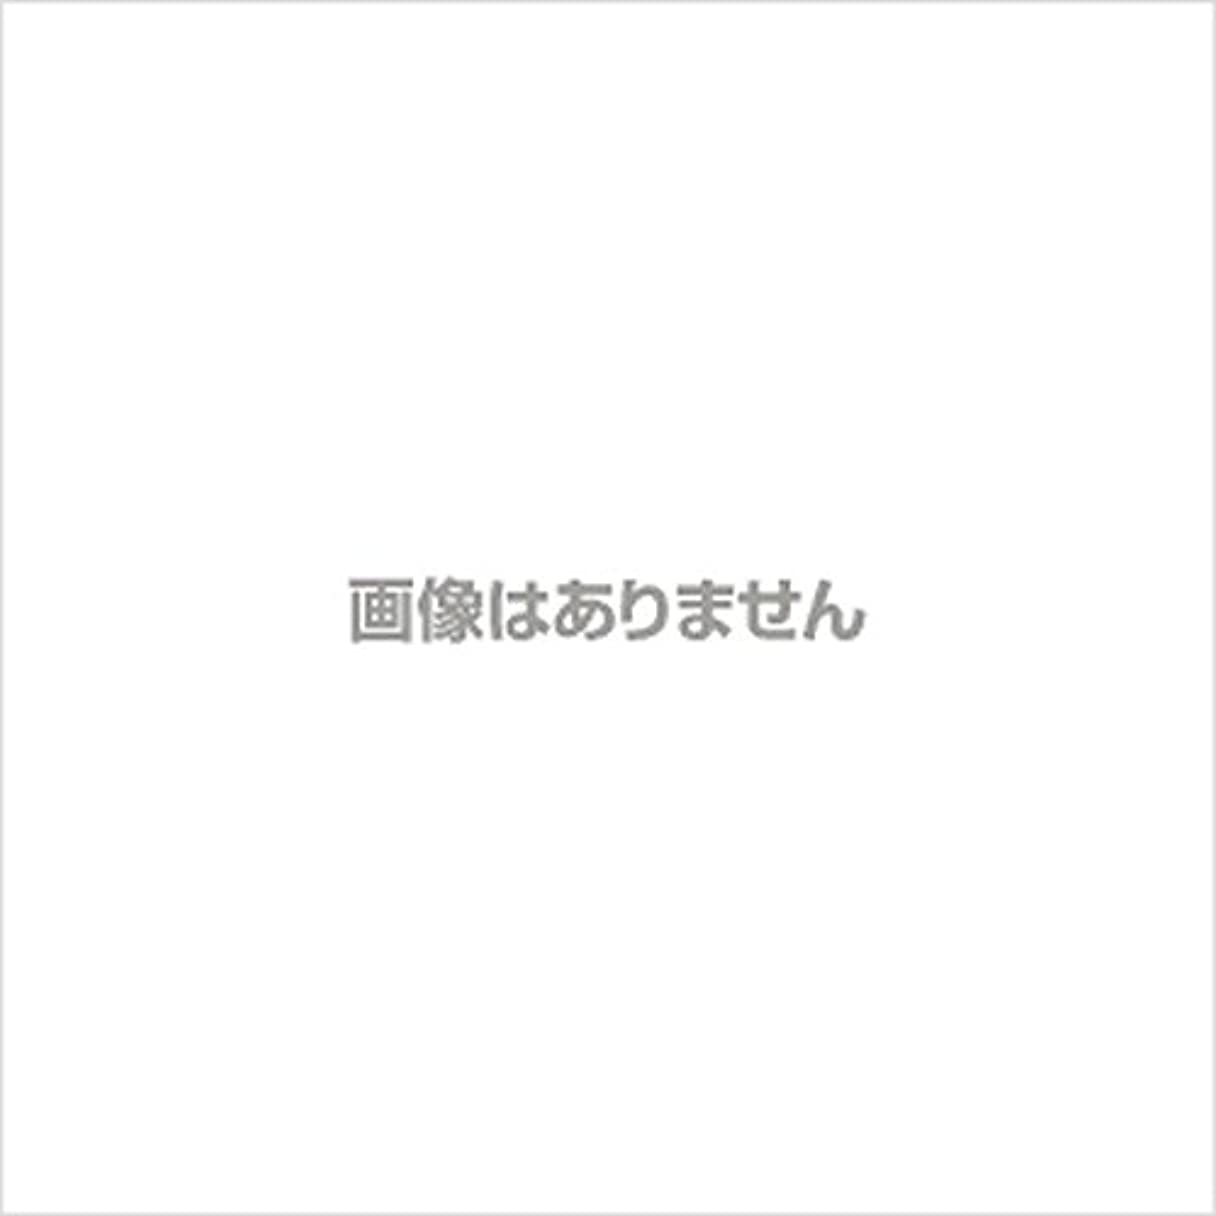 麦芽見込みイタリックニュージャスト ヘルパーグローブ L(500枚入) 【商品コード】4010500